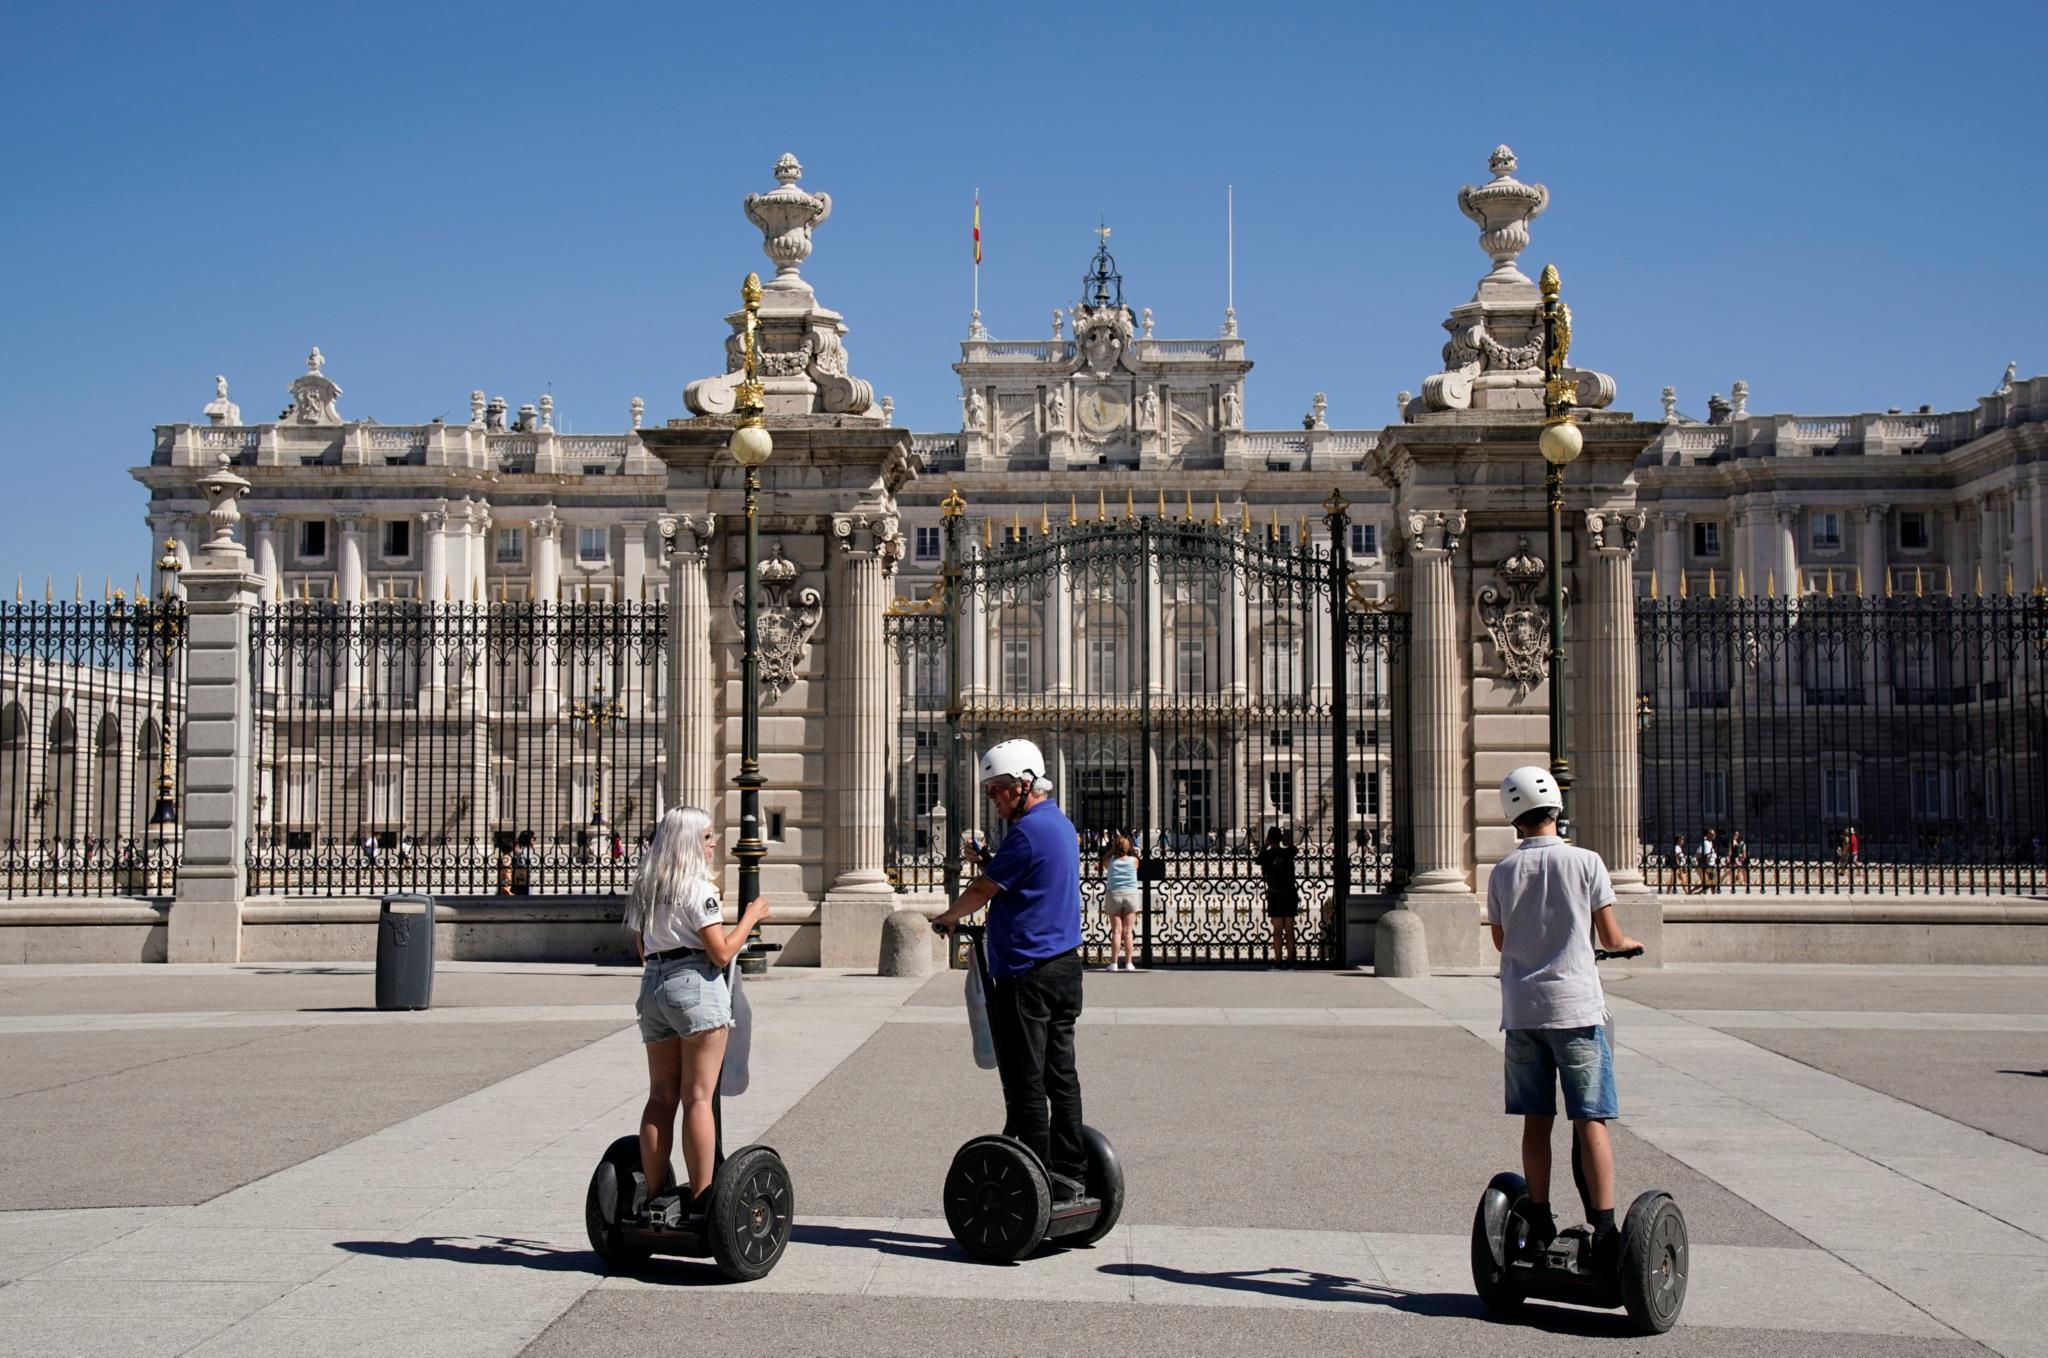 Turistas em <i>segways</i> em frente ao palácio real em Madrid